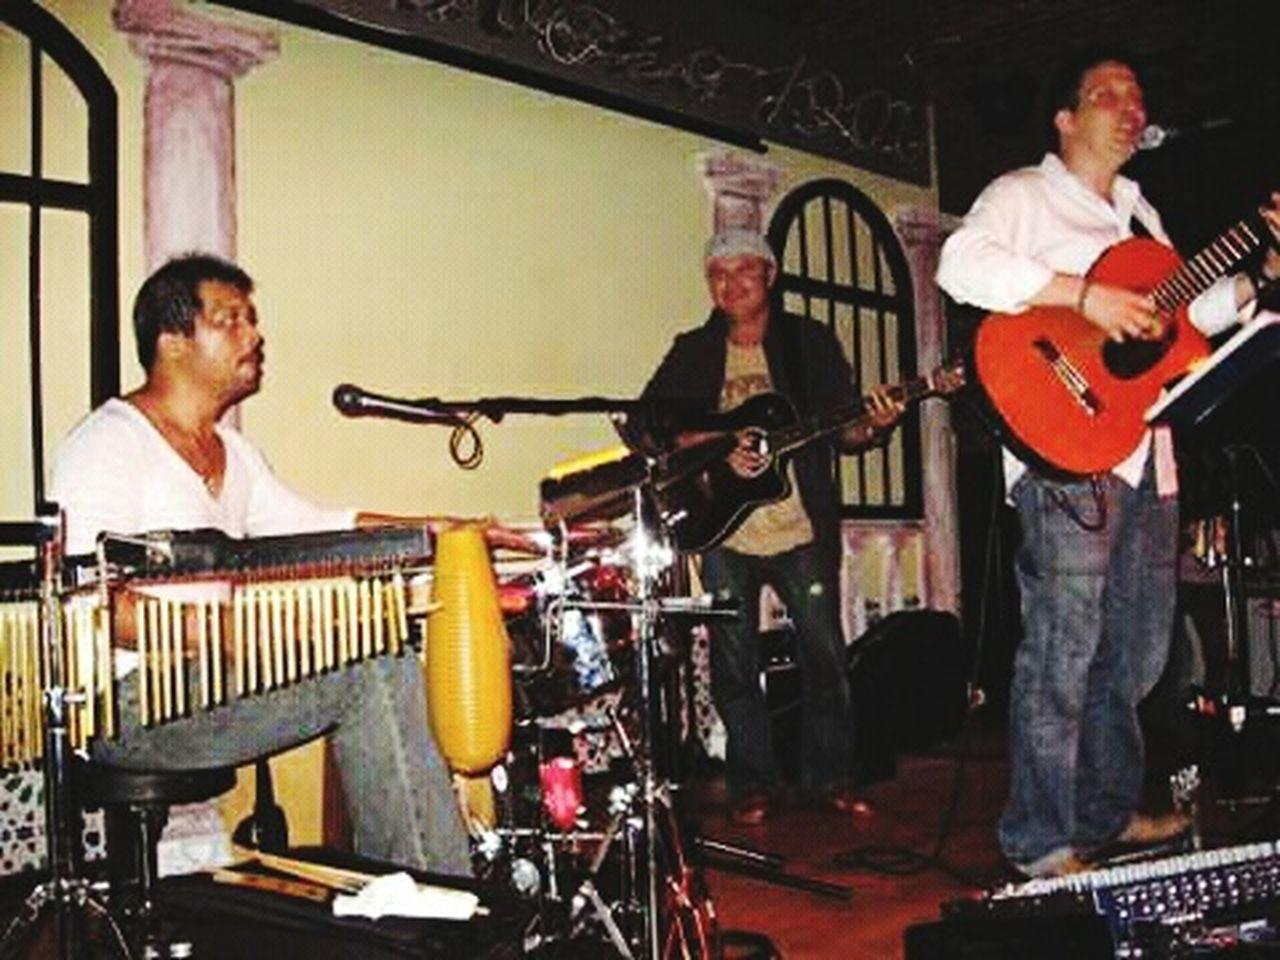 Cantante Banda Grupo Musical Musica Musician Musicians Musician Bands